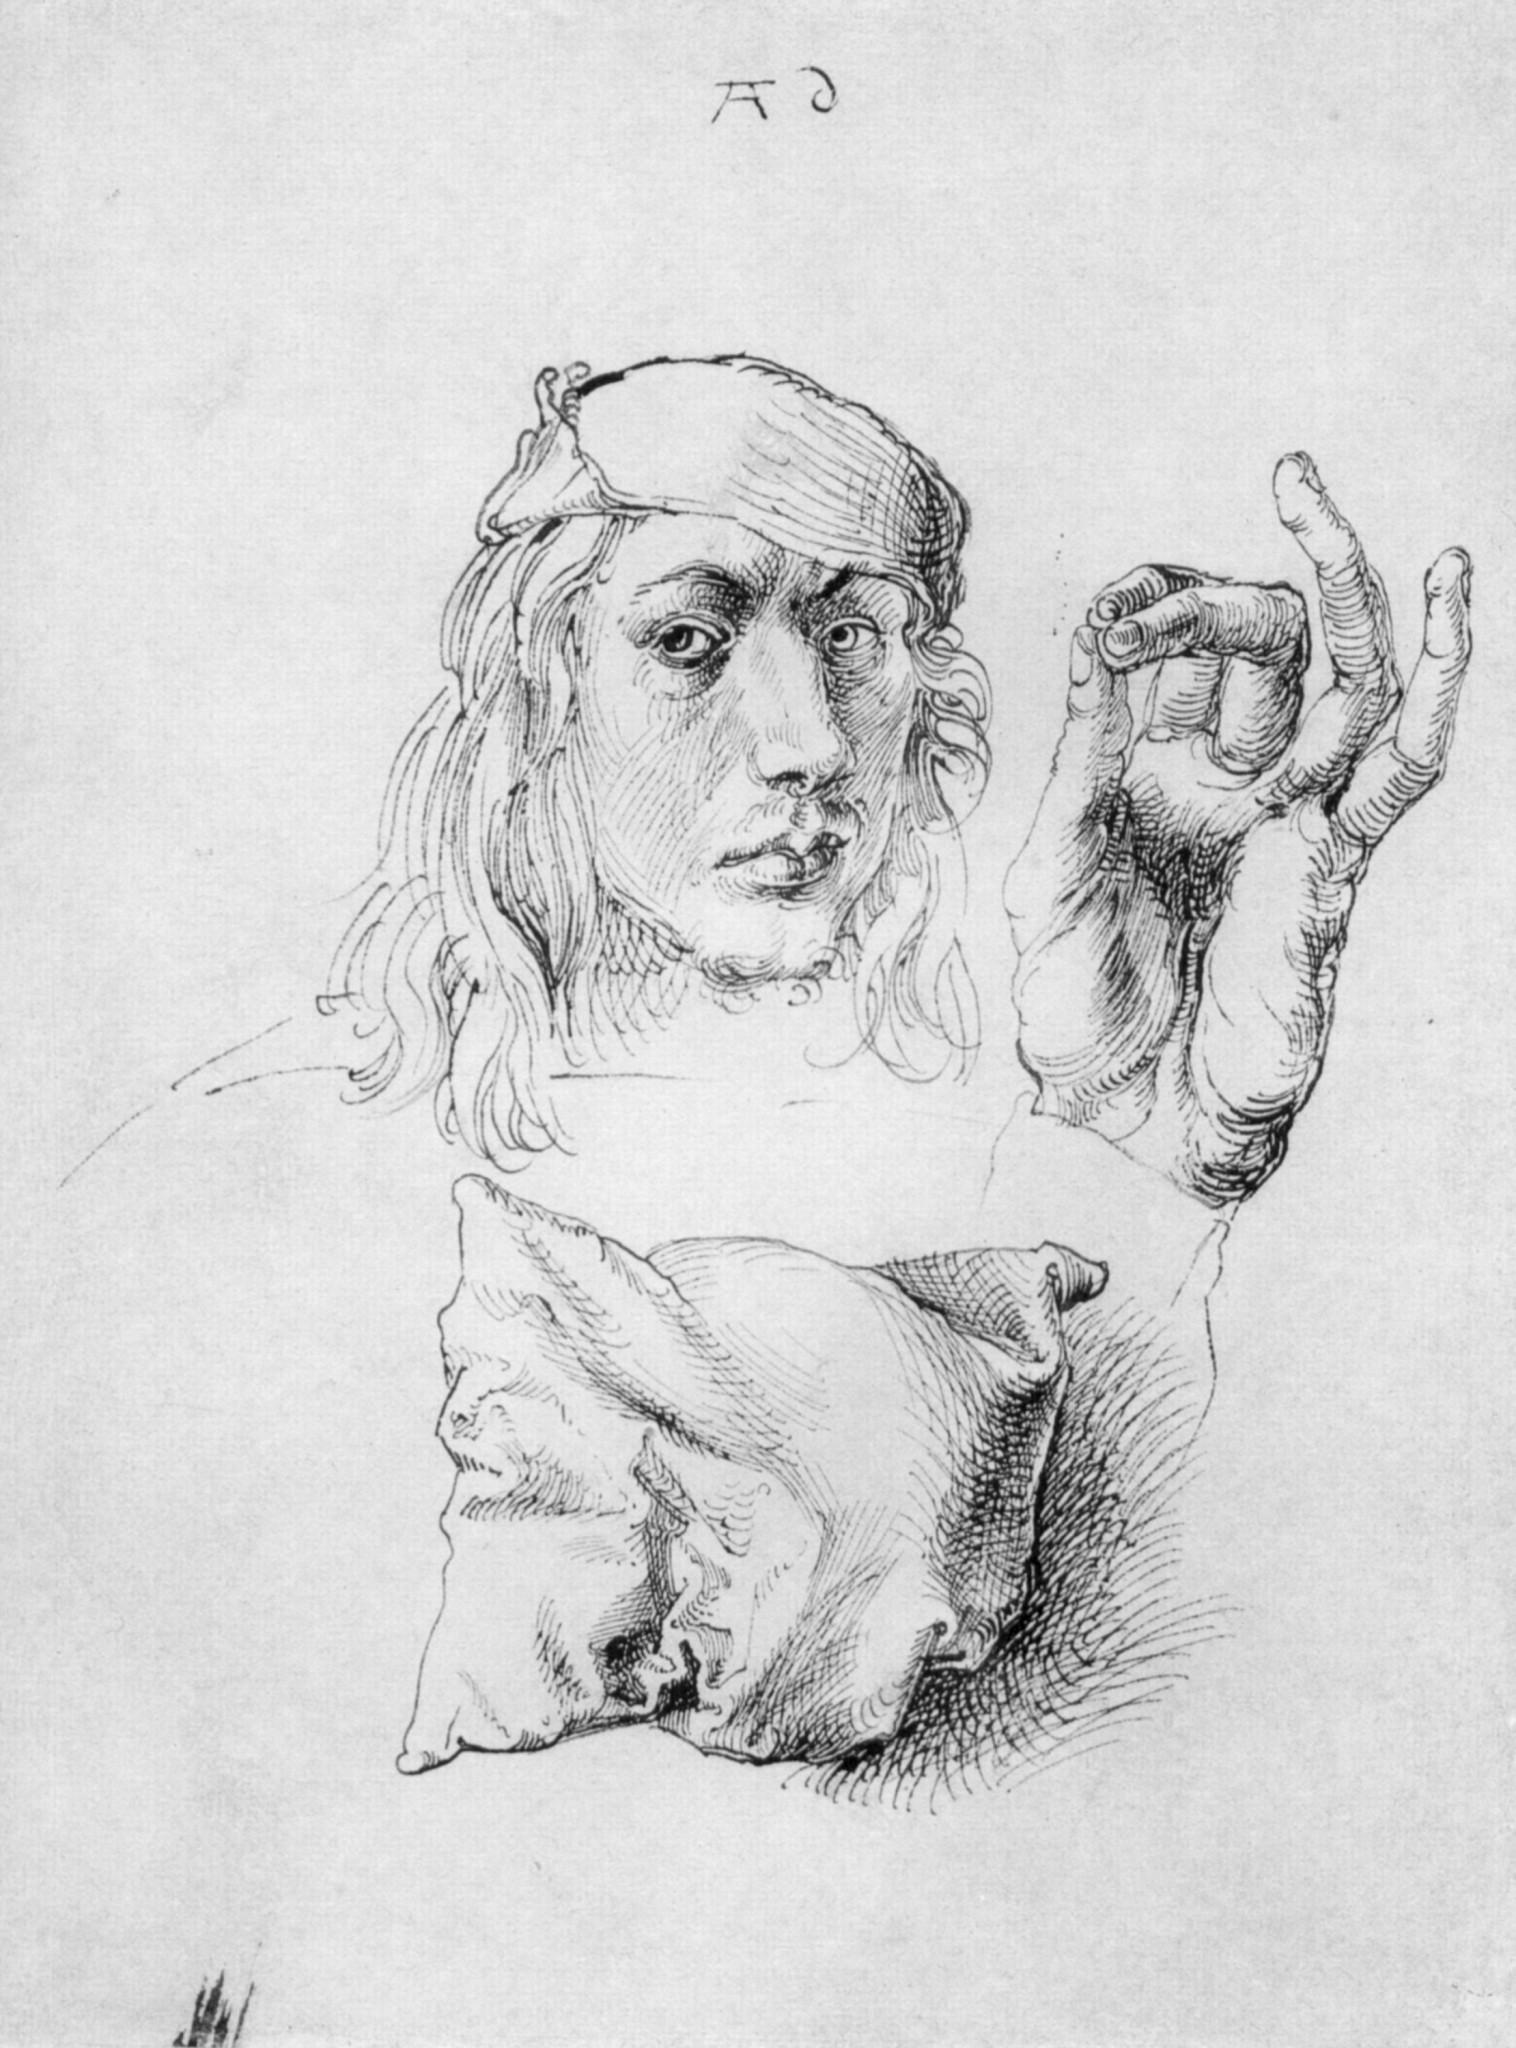 Albrecht Dürer (1493. Наброски. Подушка кисть руки и автопортрет в 22 года)